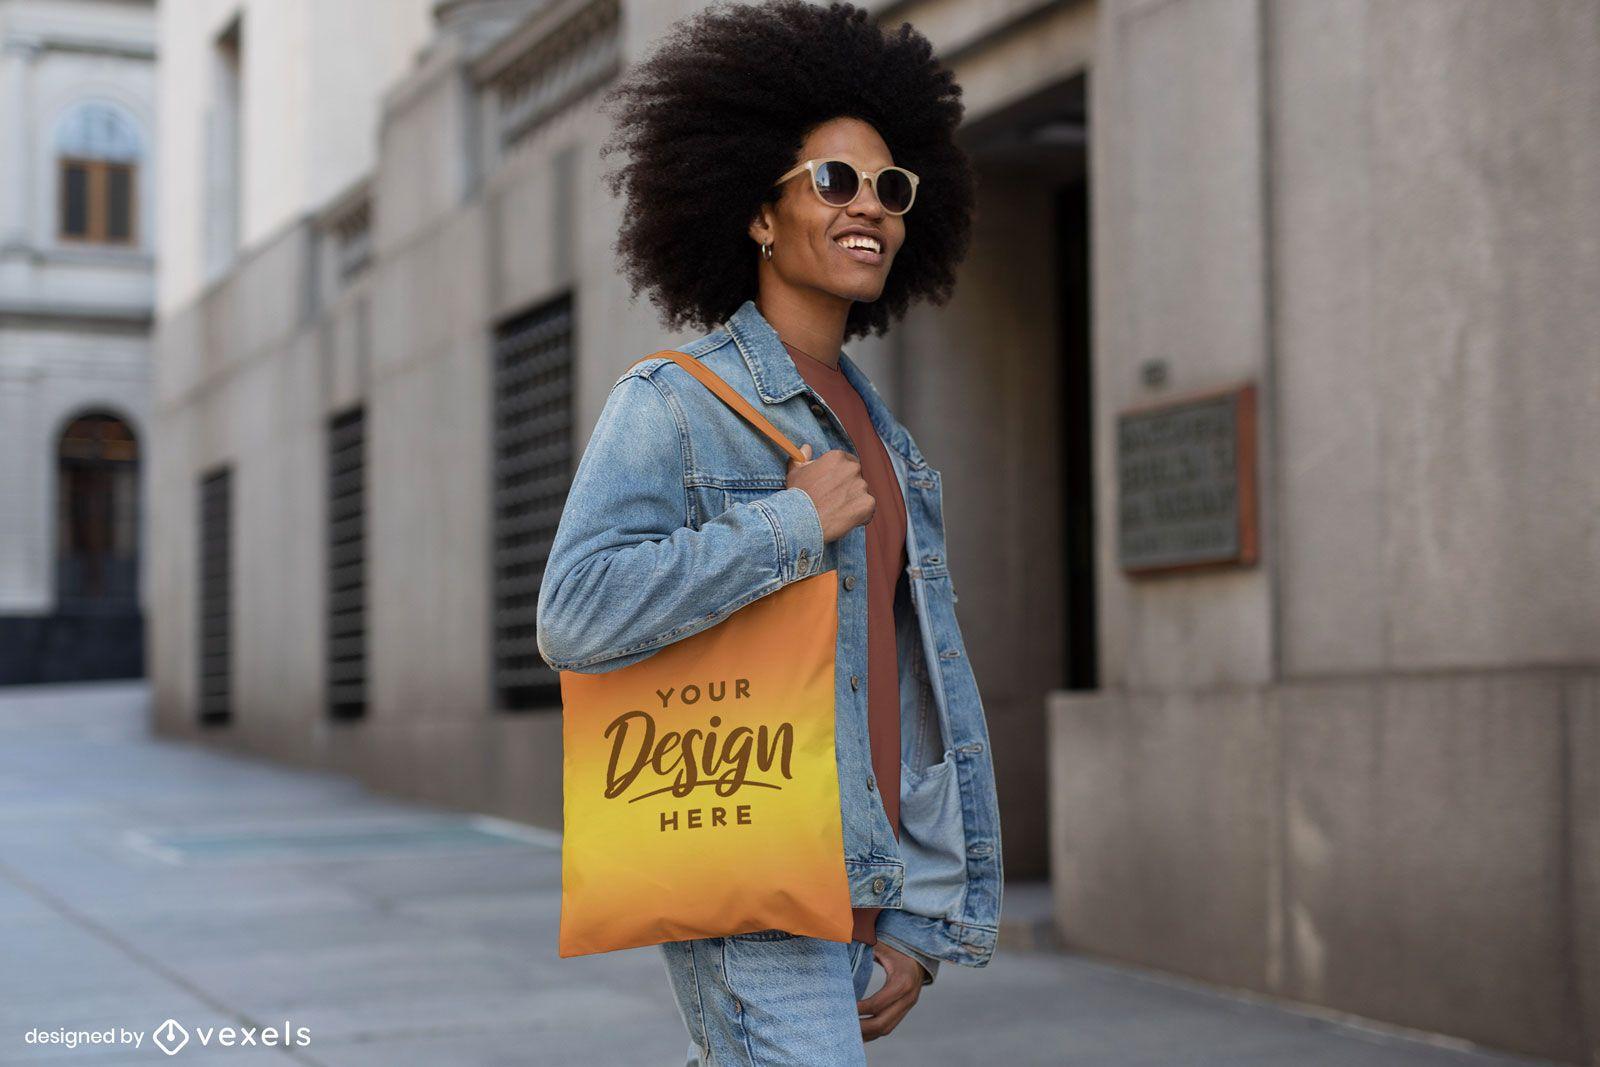 Hombre con chaqueta de jean maqueta de bolso de mano de la calle